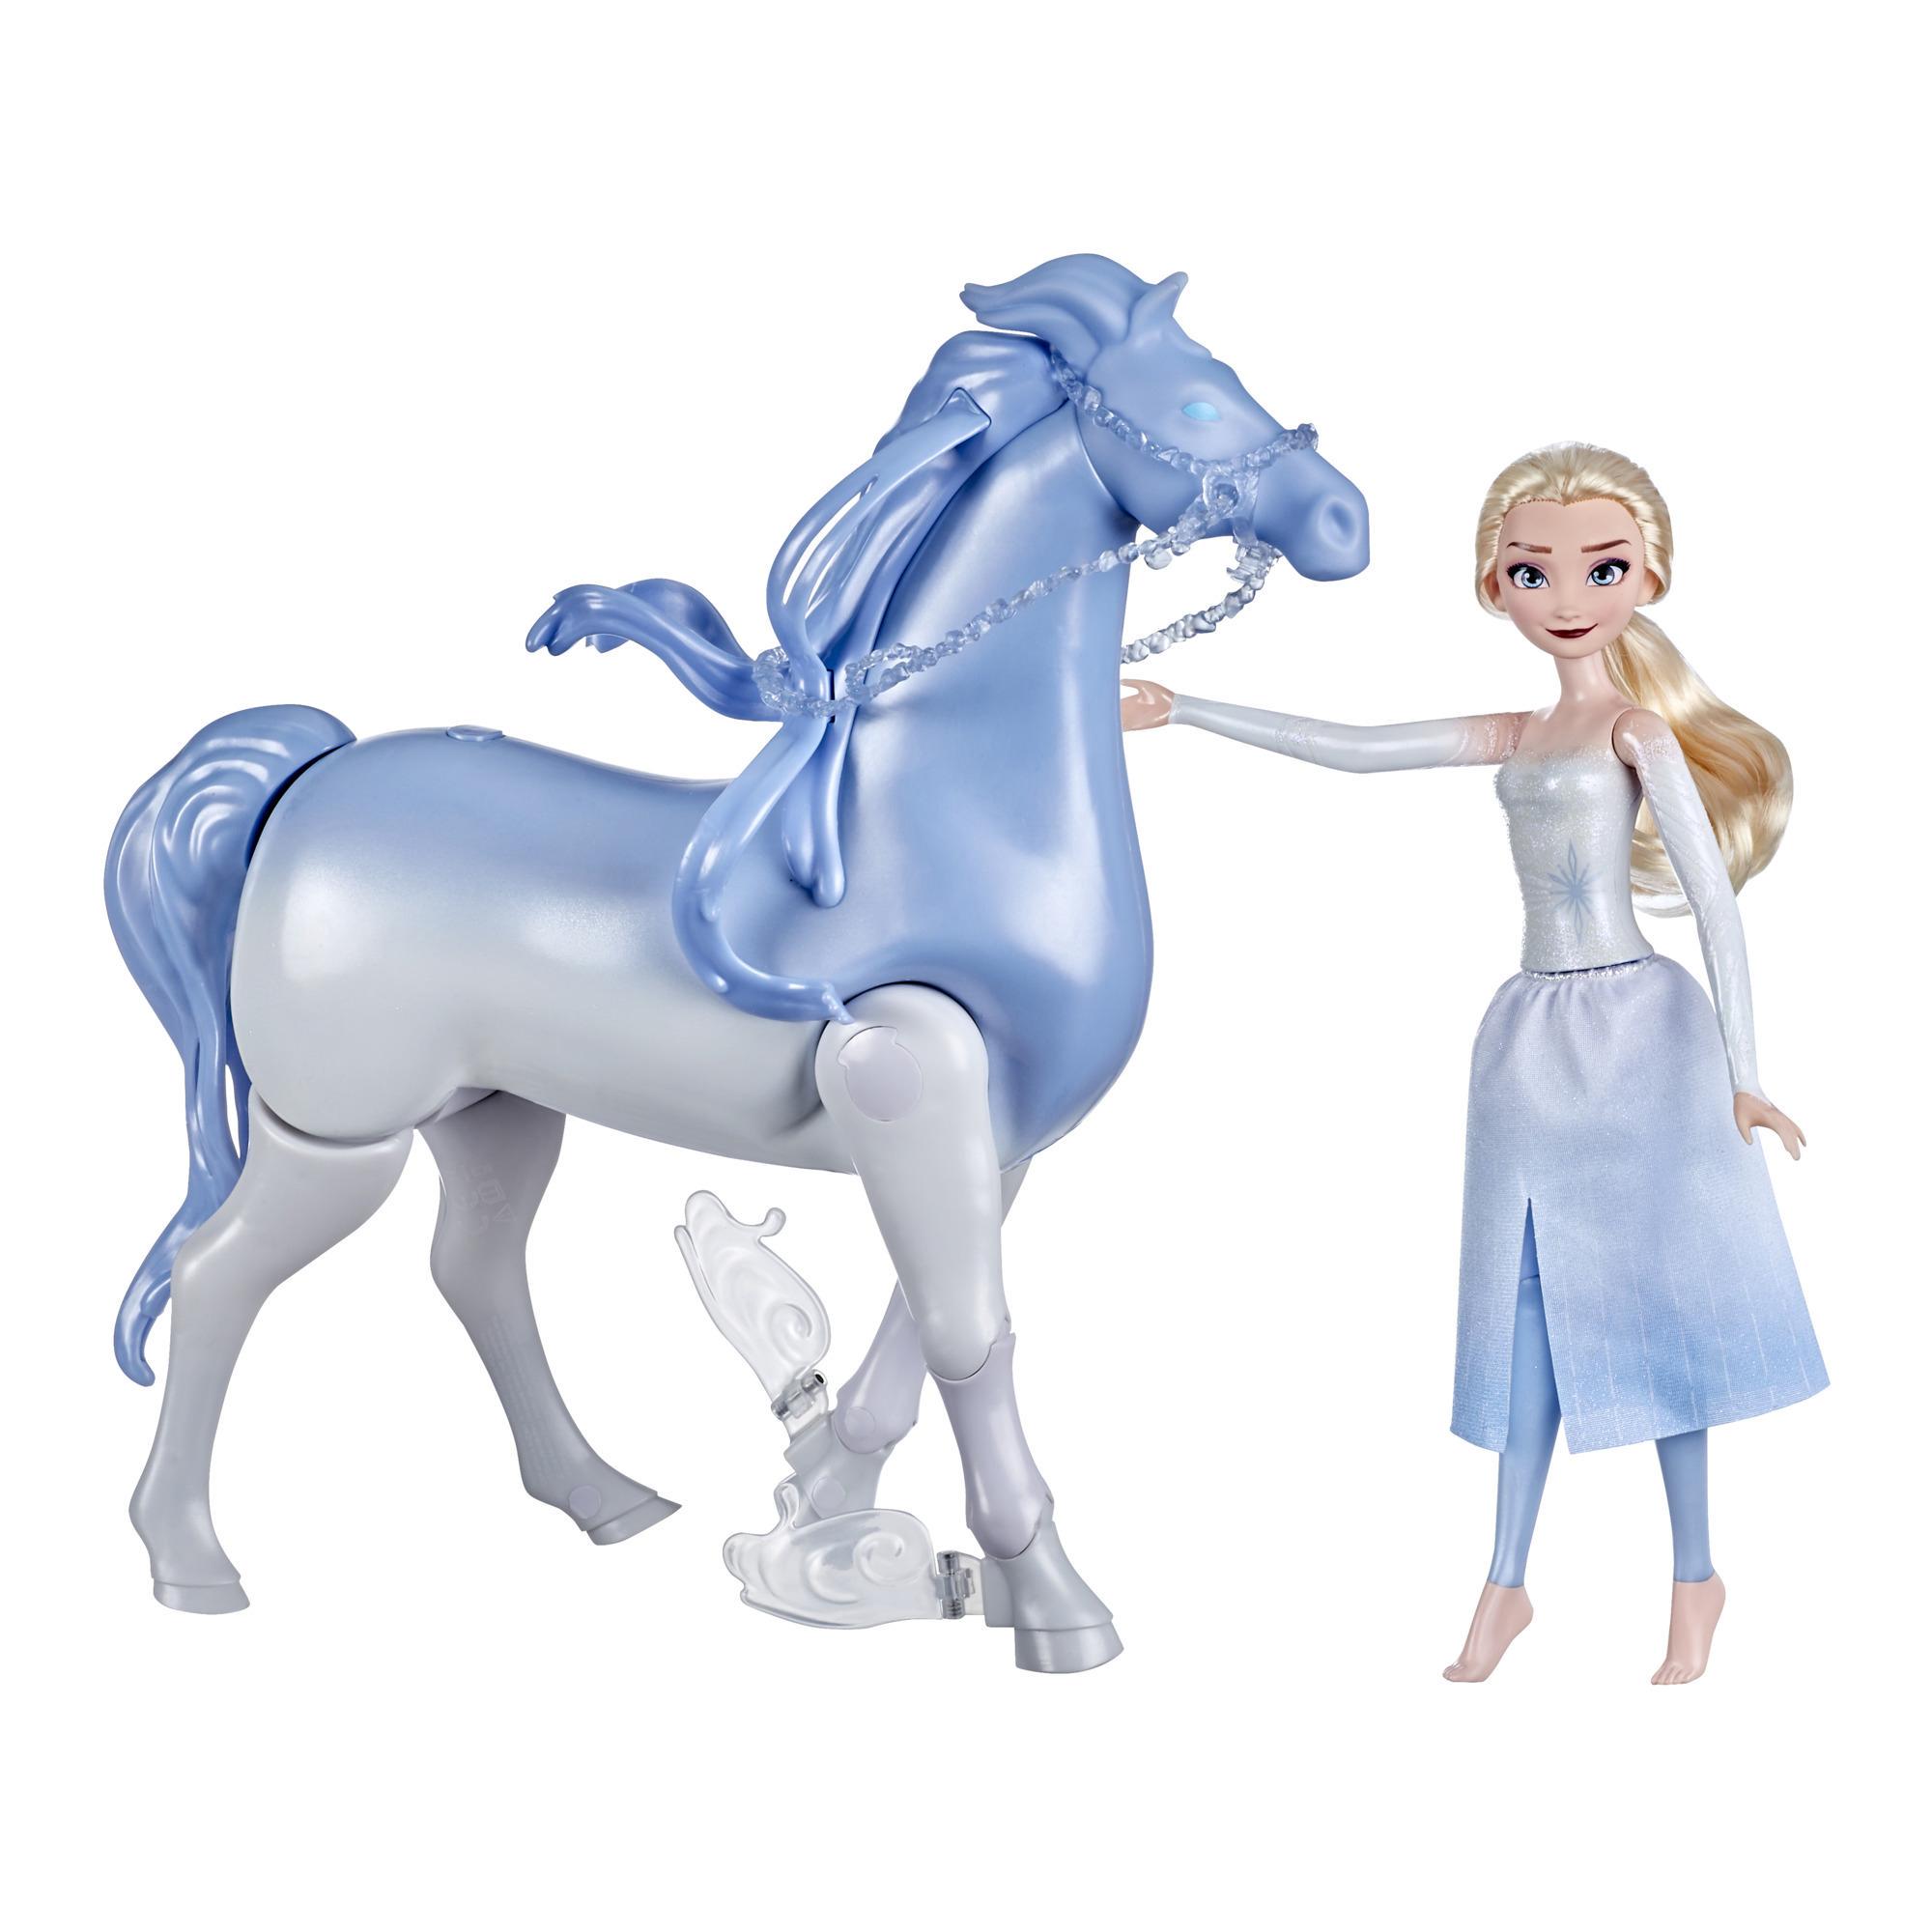 Disneys Frost 2 Elsa og Nokk som kan svømme og gå, barneleke, Frost-dukker inspirert av Disneys Frost 2